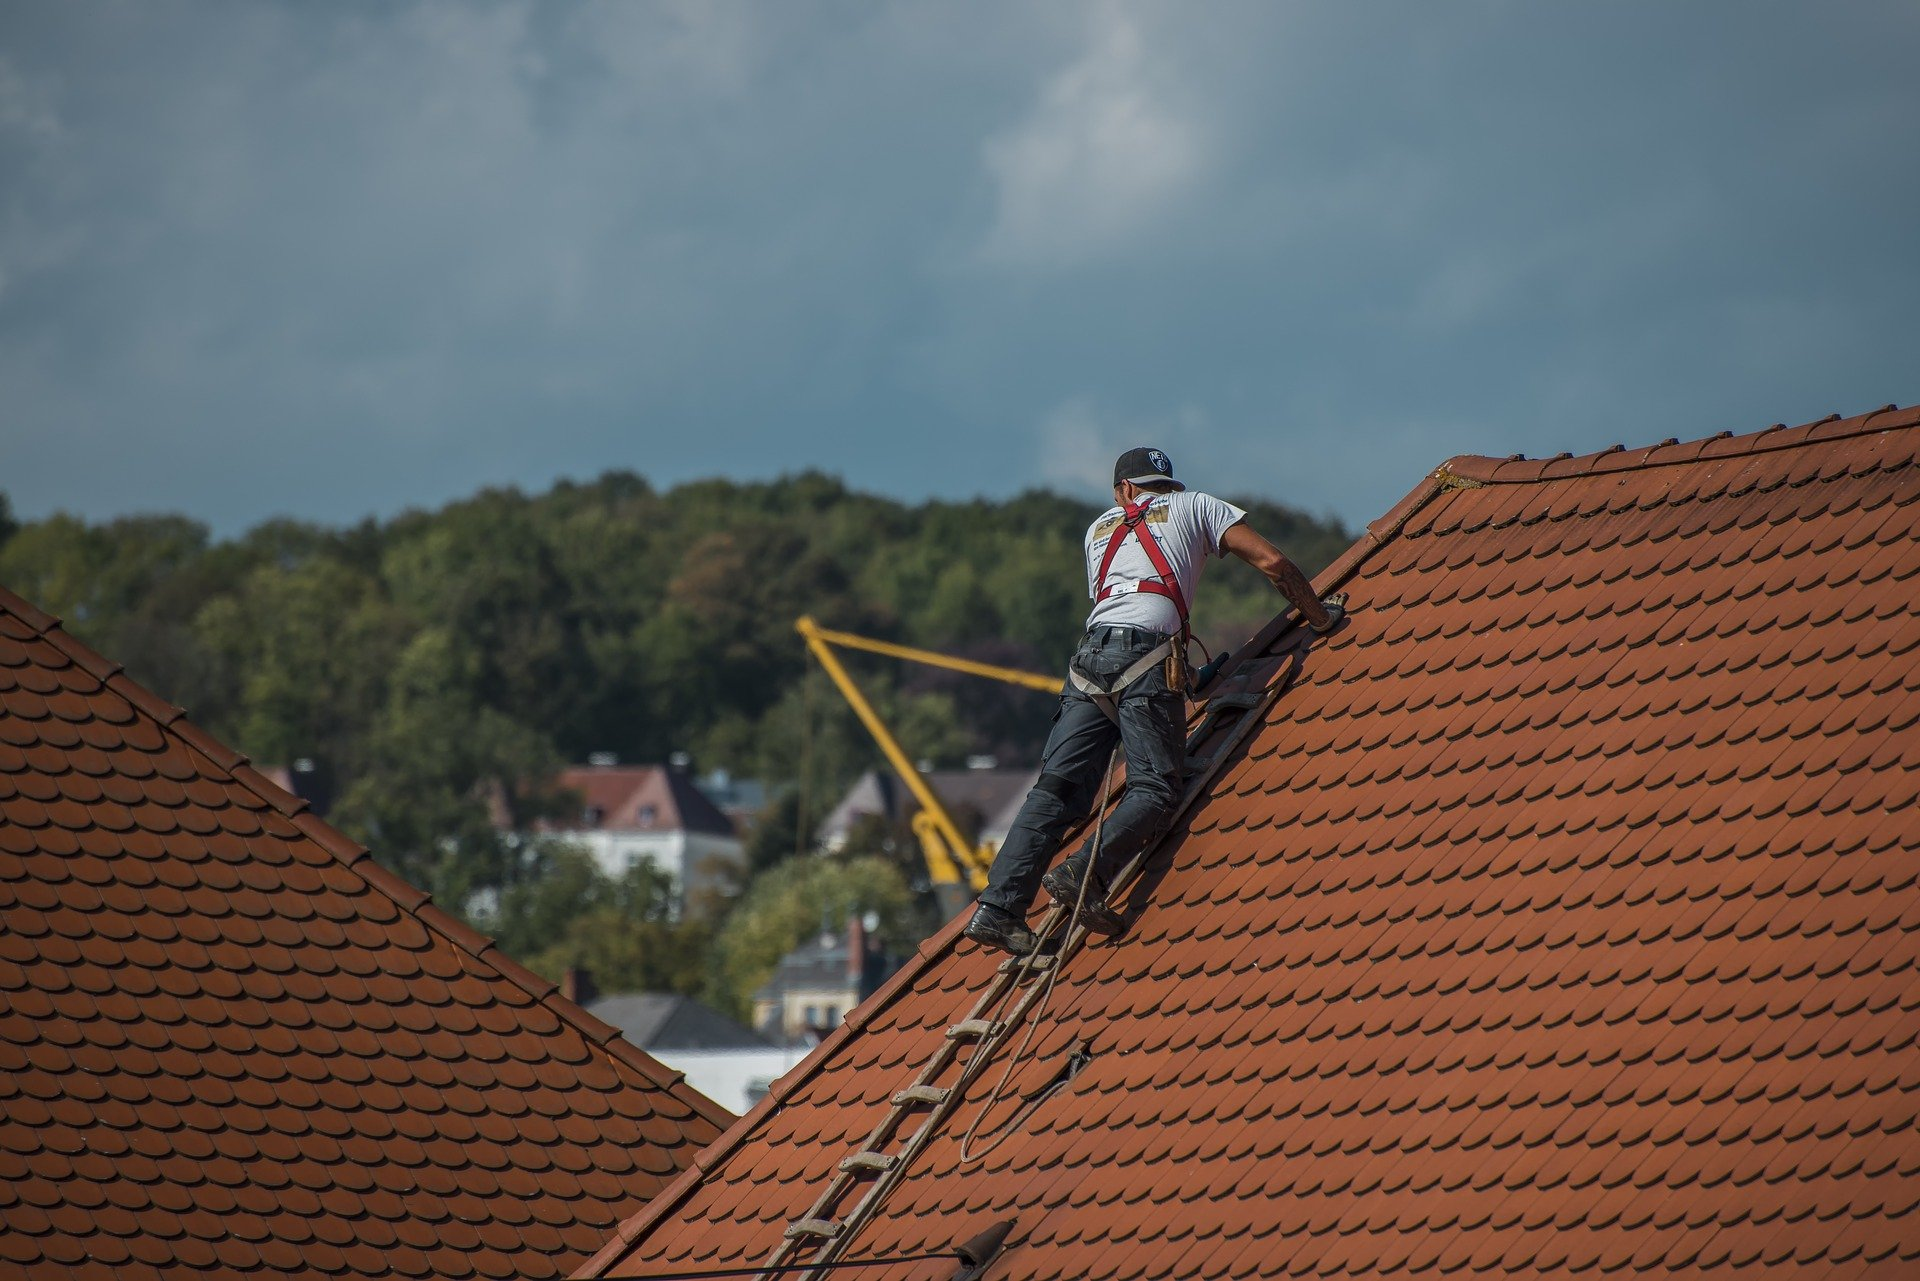 reparation-fuite-toiture